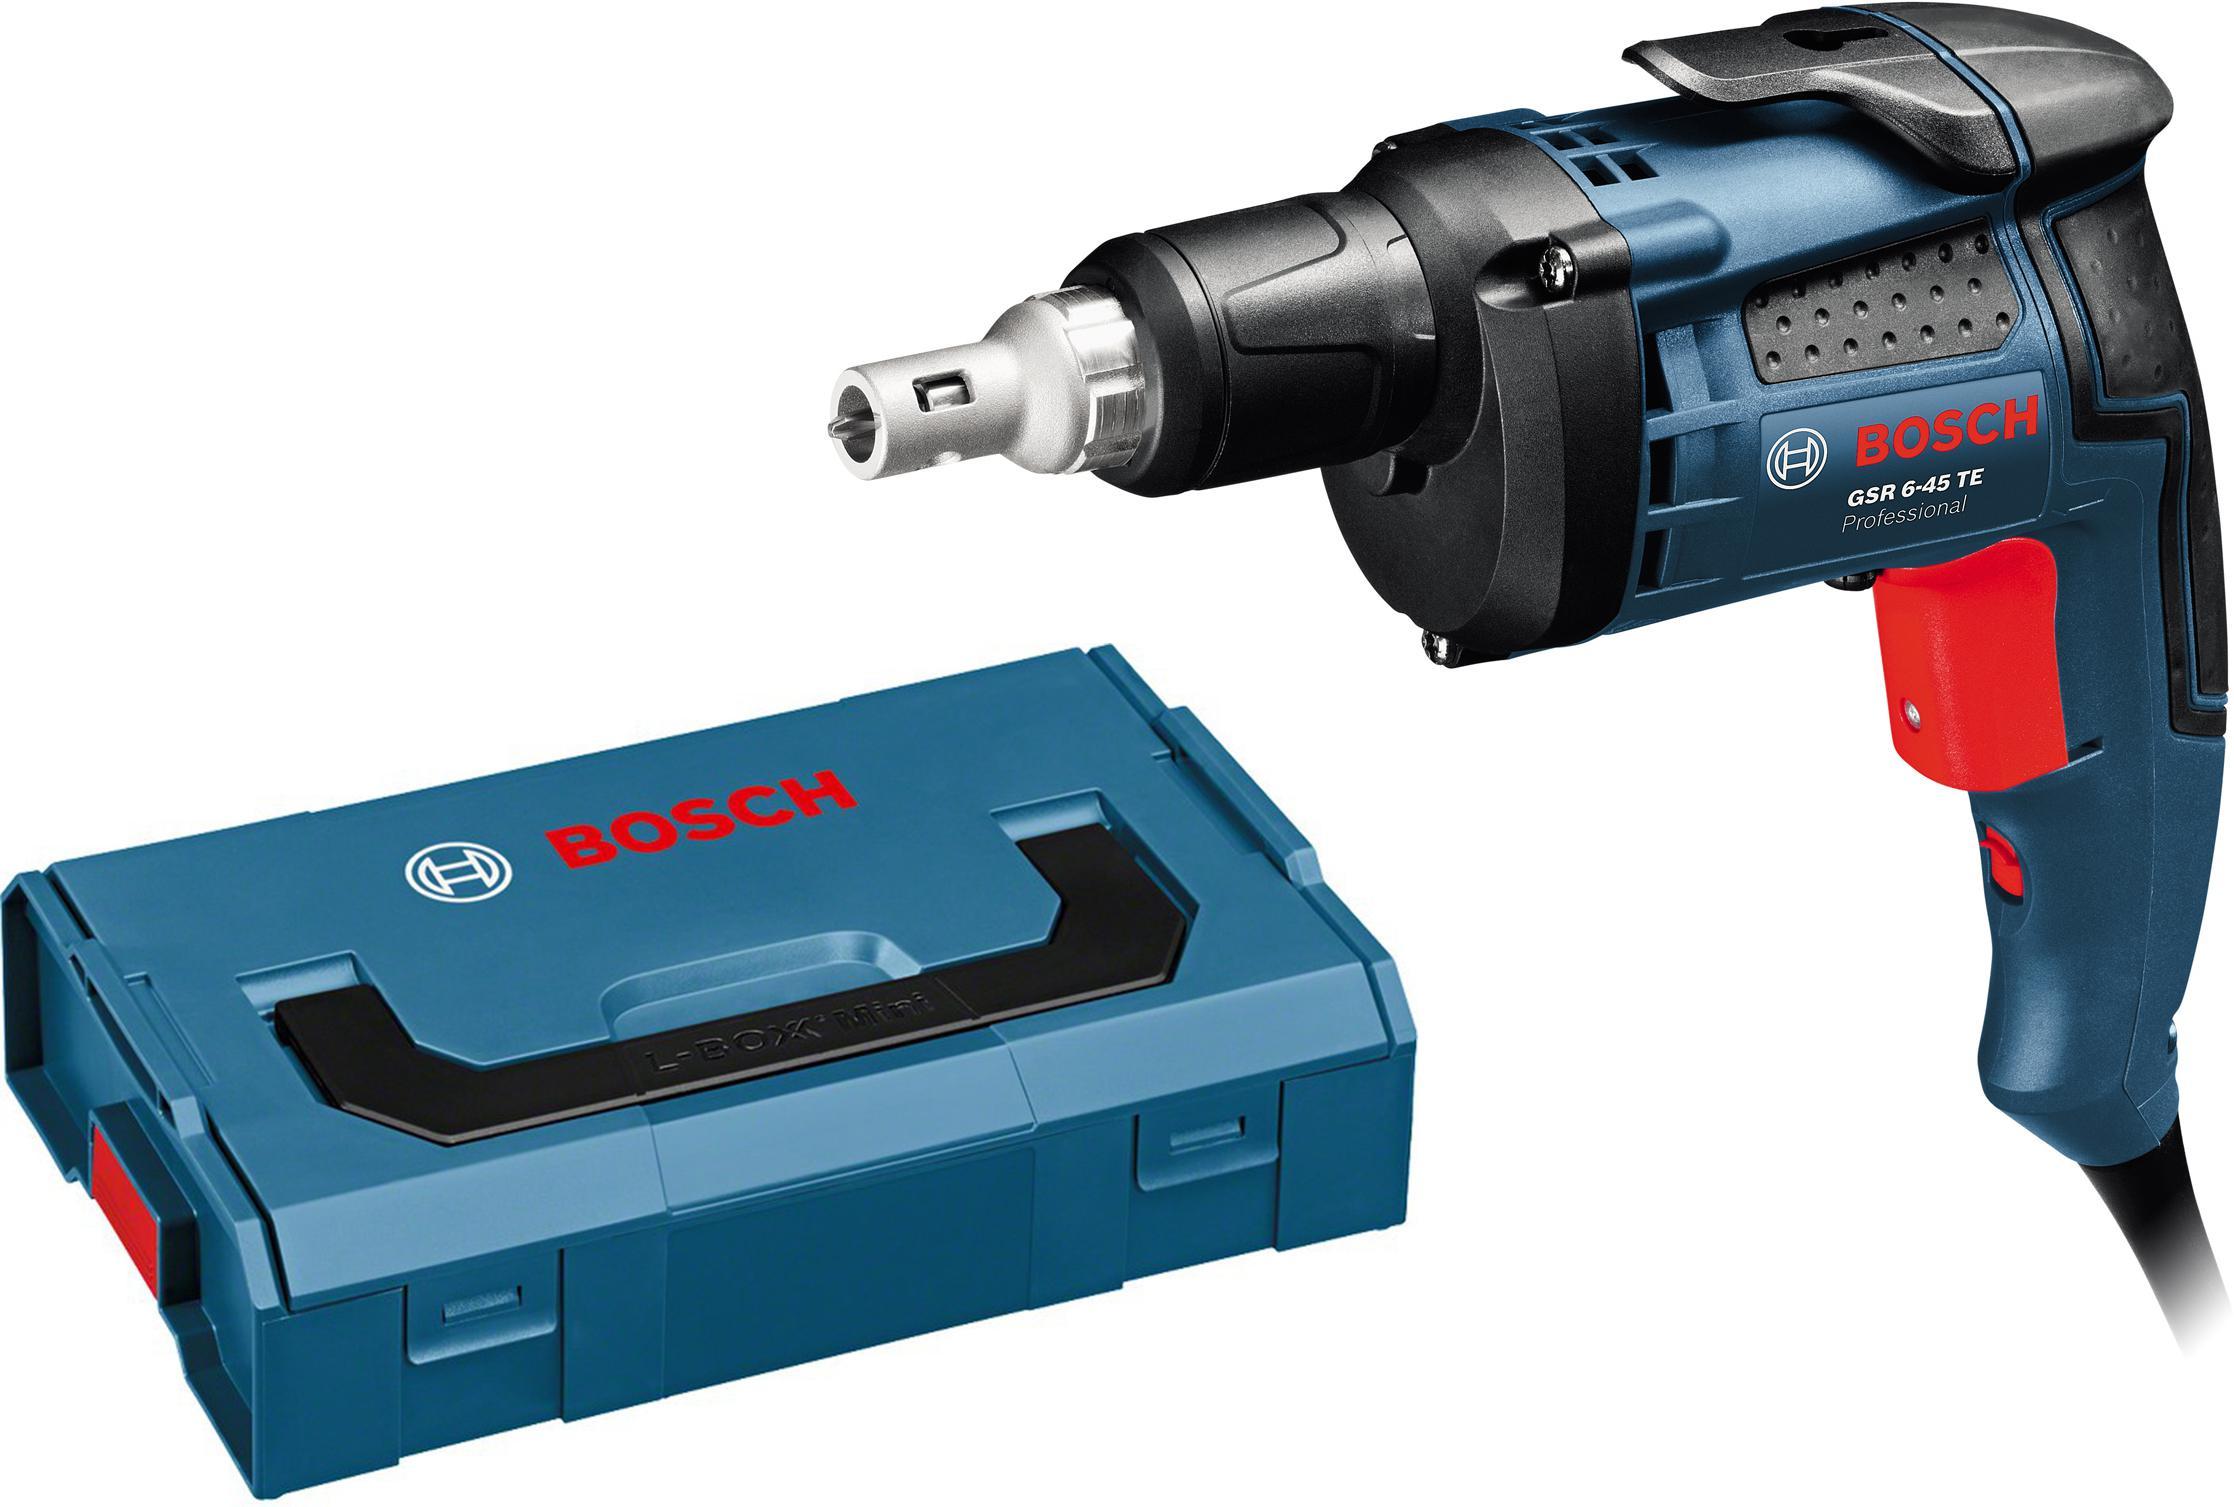 Набор Bosch Шуруповерт gsr 6-45 te (0.601.445.100) +Ящик l-boxx mini (1.600.a00.7sf) шуруповерт электрический bosch gsr 6 45 te 0 601 445 100